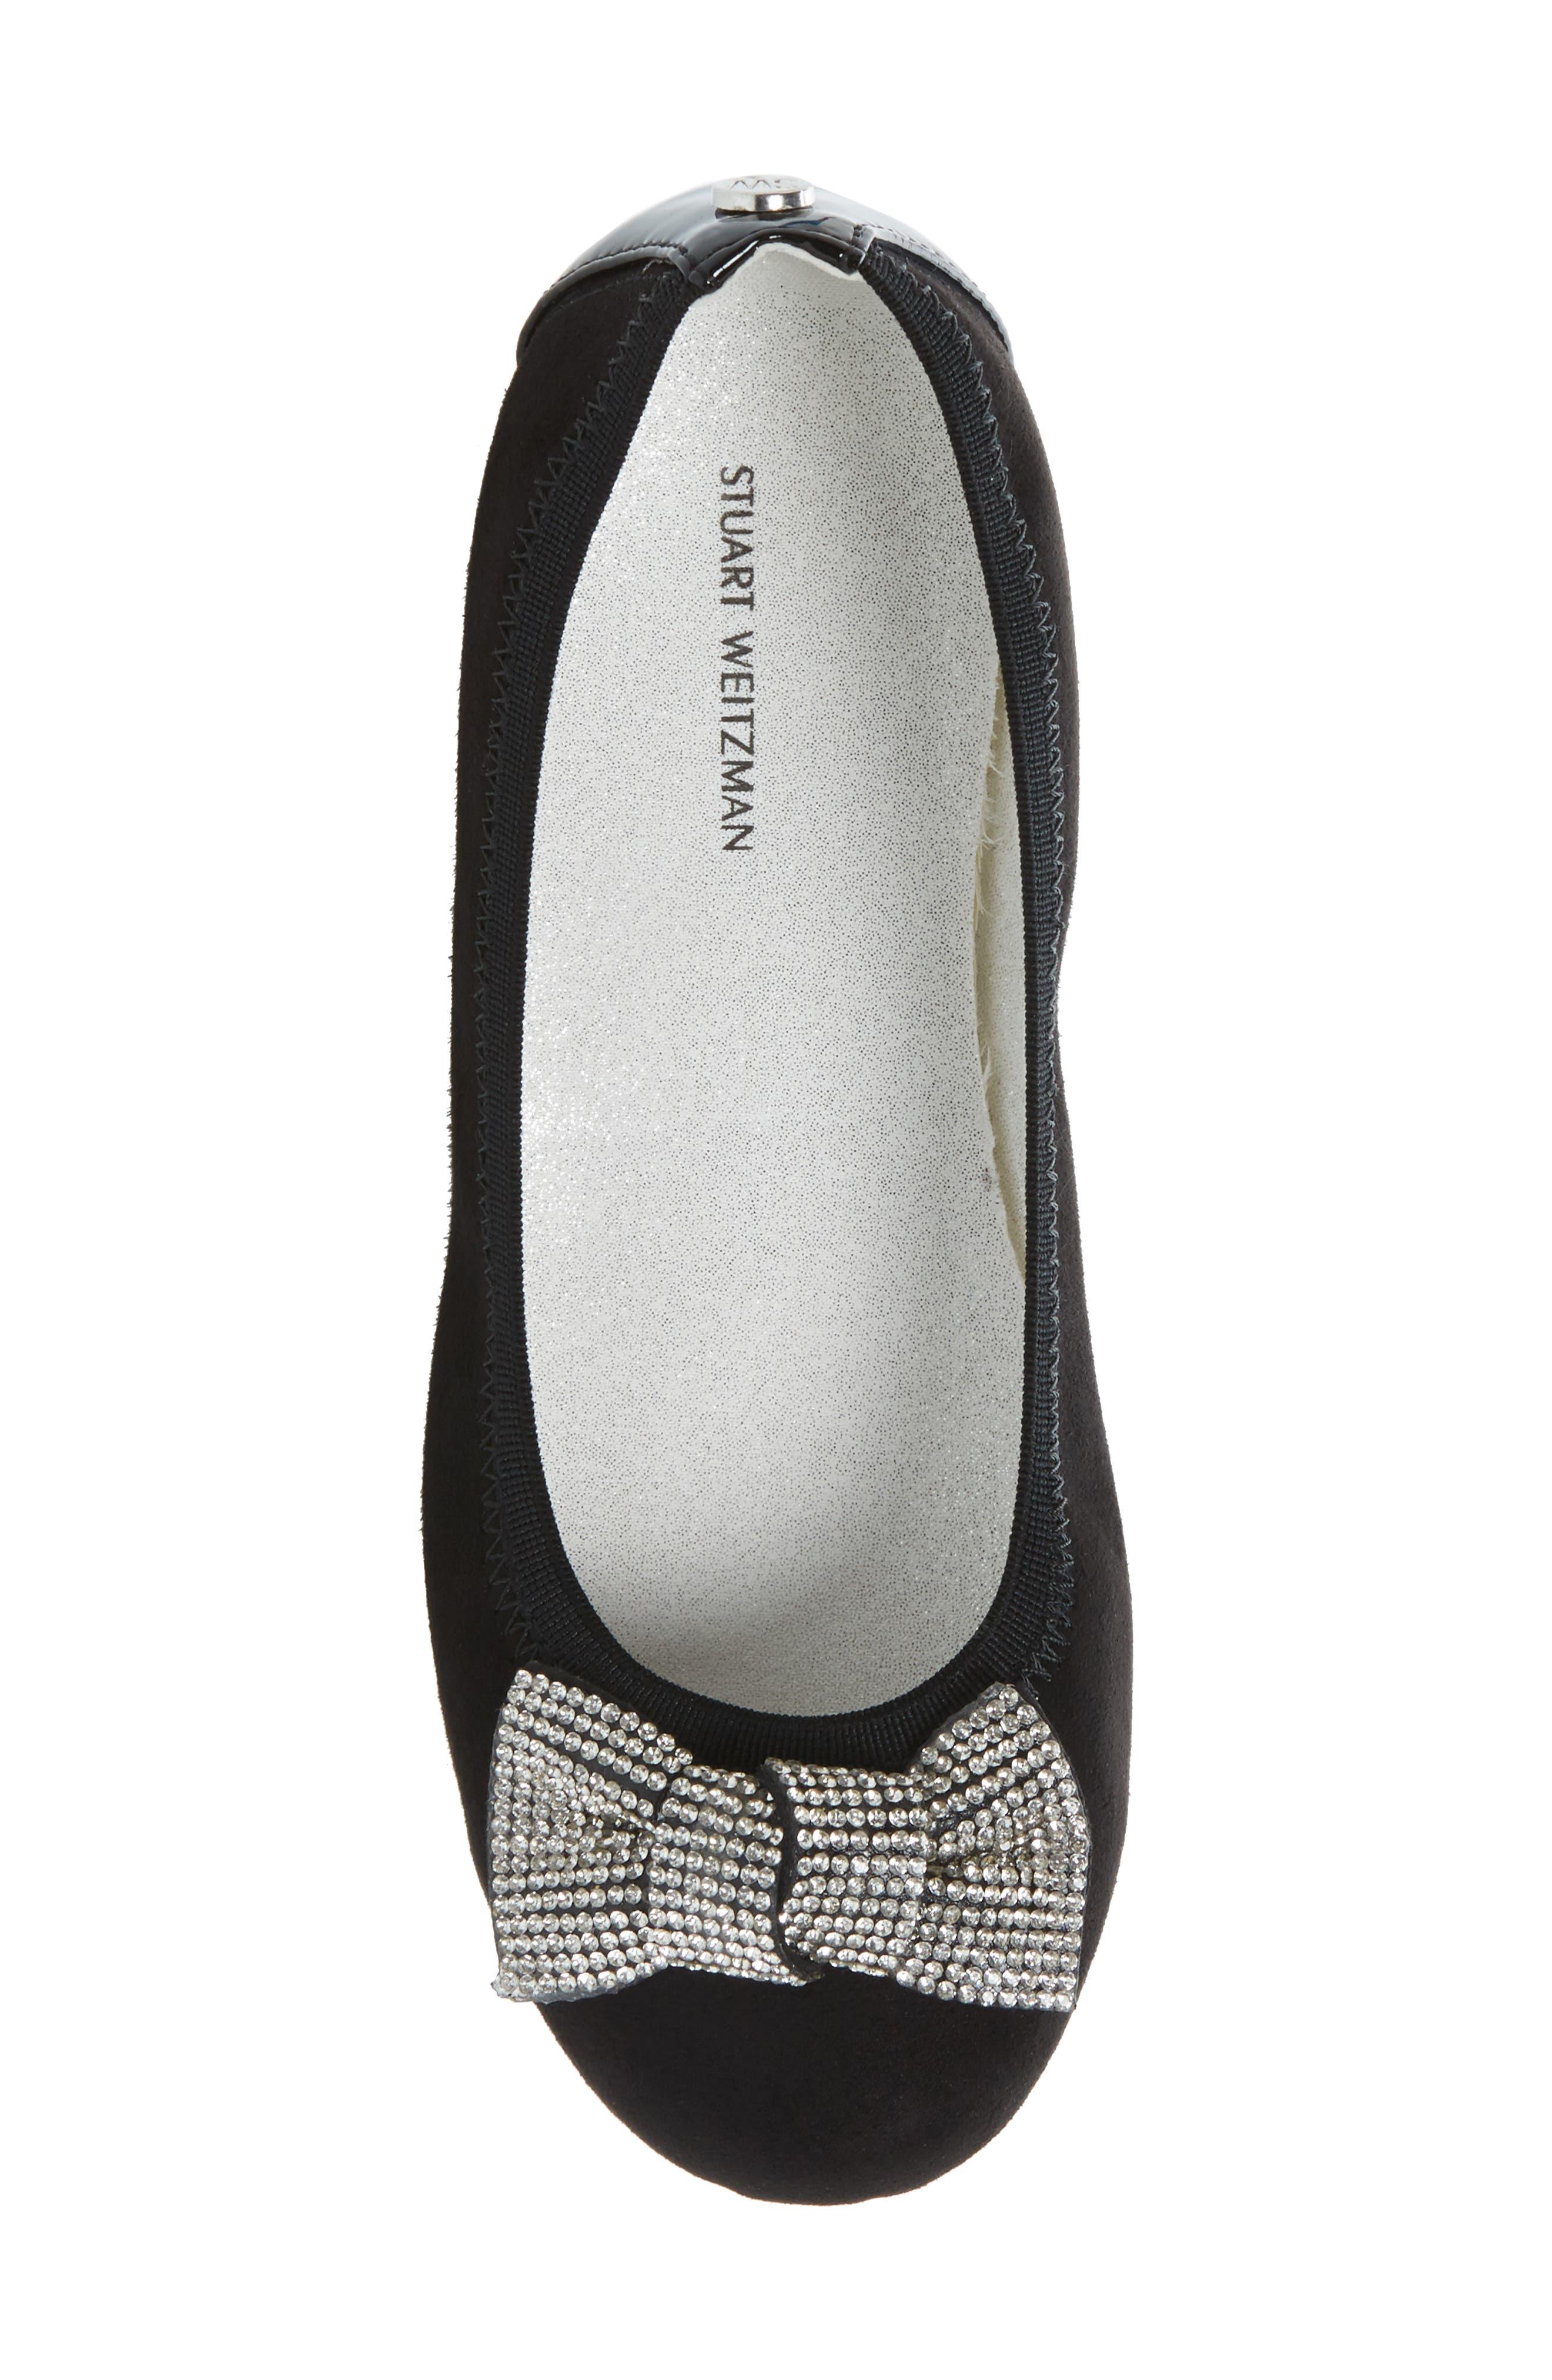 Fannie Glitz Ballet Flat,                             Alternate thumbnail 5, color,                             Black Faux Leather